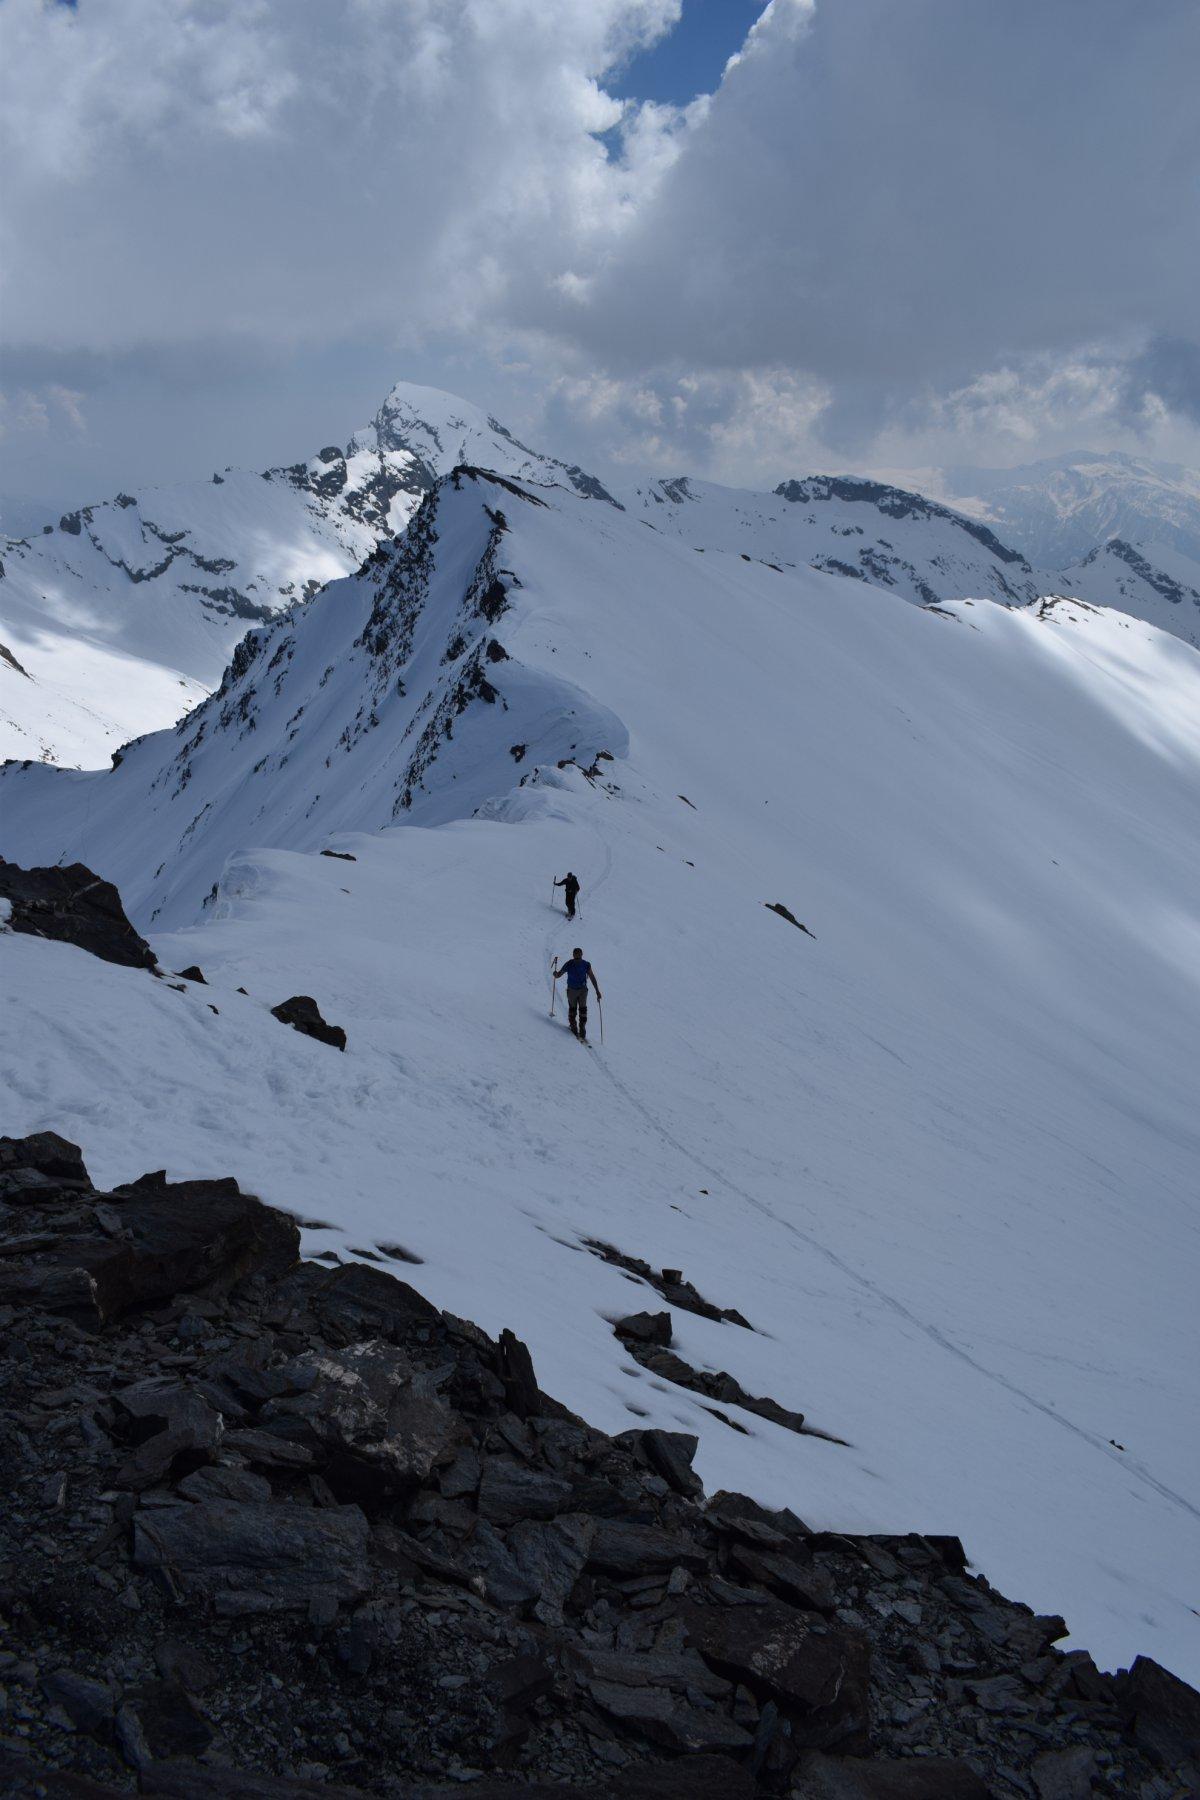 l'ultimo tratto prima della cima